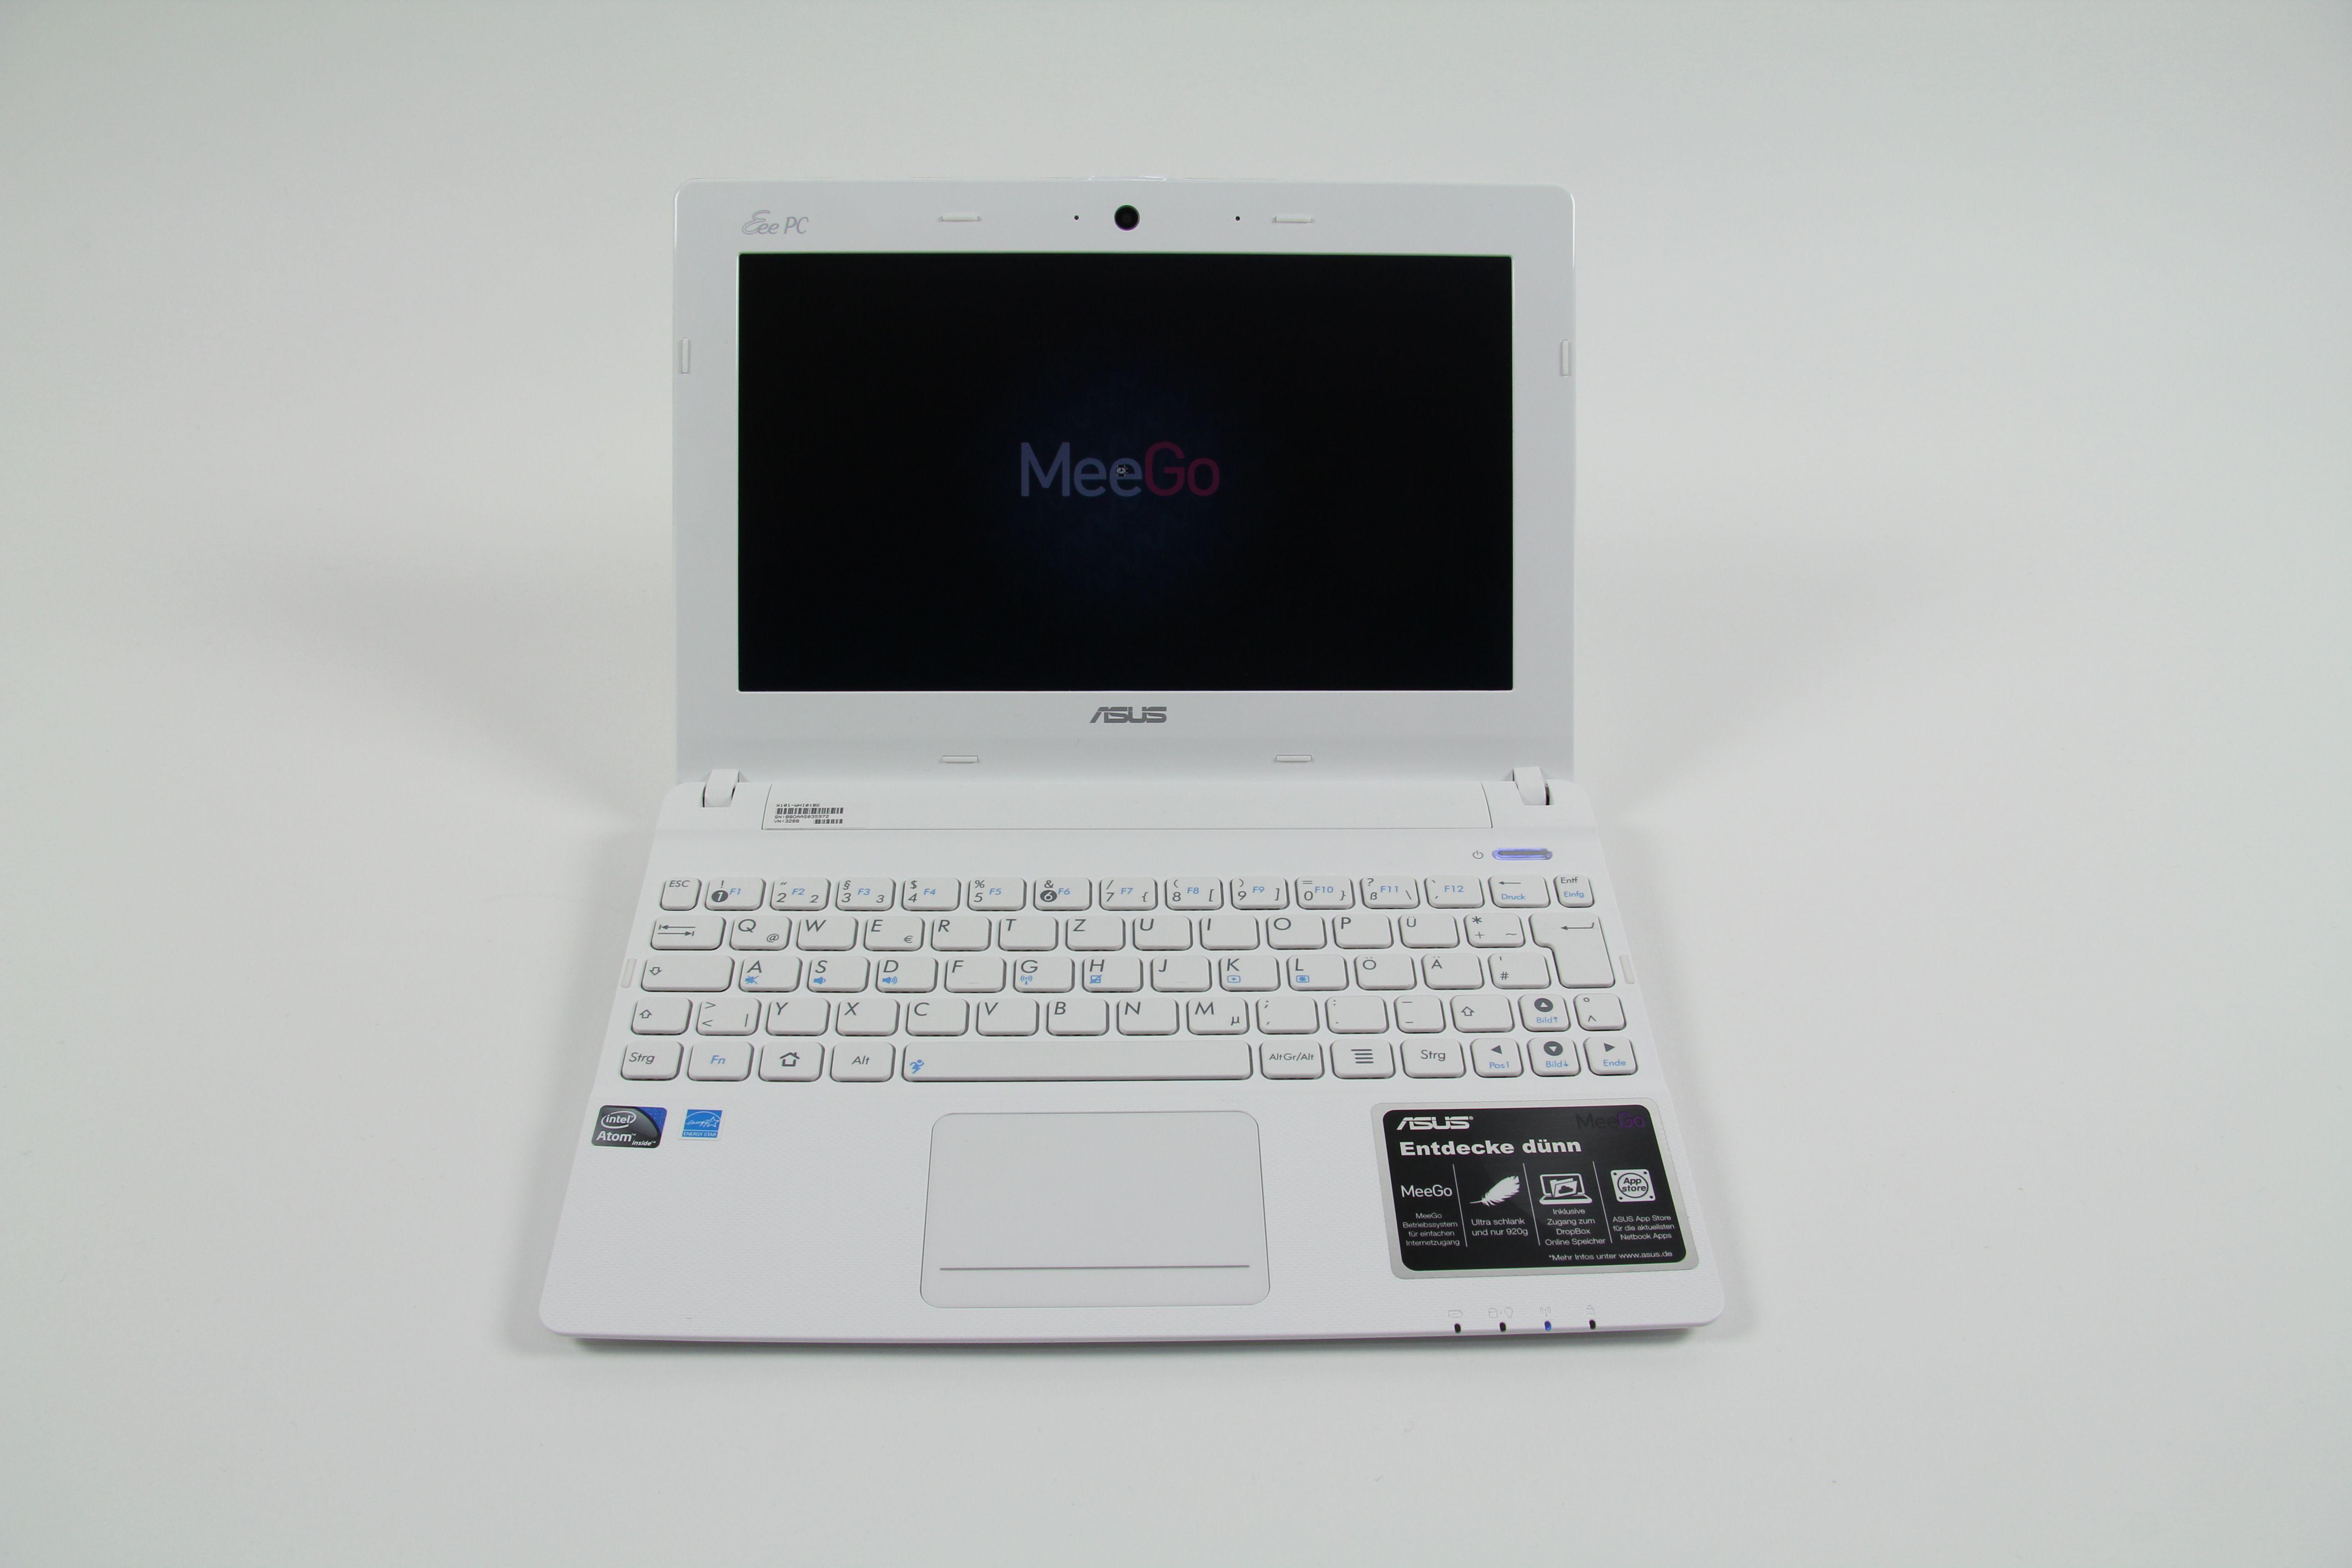 01-Im-Supportnet-Test-Das-Netbook_-Eee-PC-X101-von-Asus-mit-Video-MeeGo-470.JPG?nocache=1324469737213